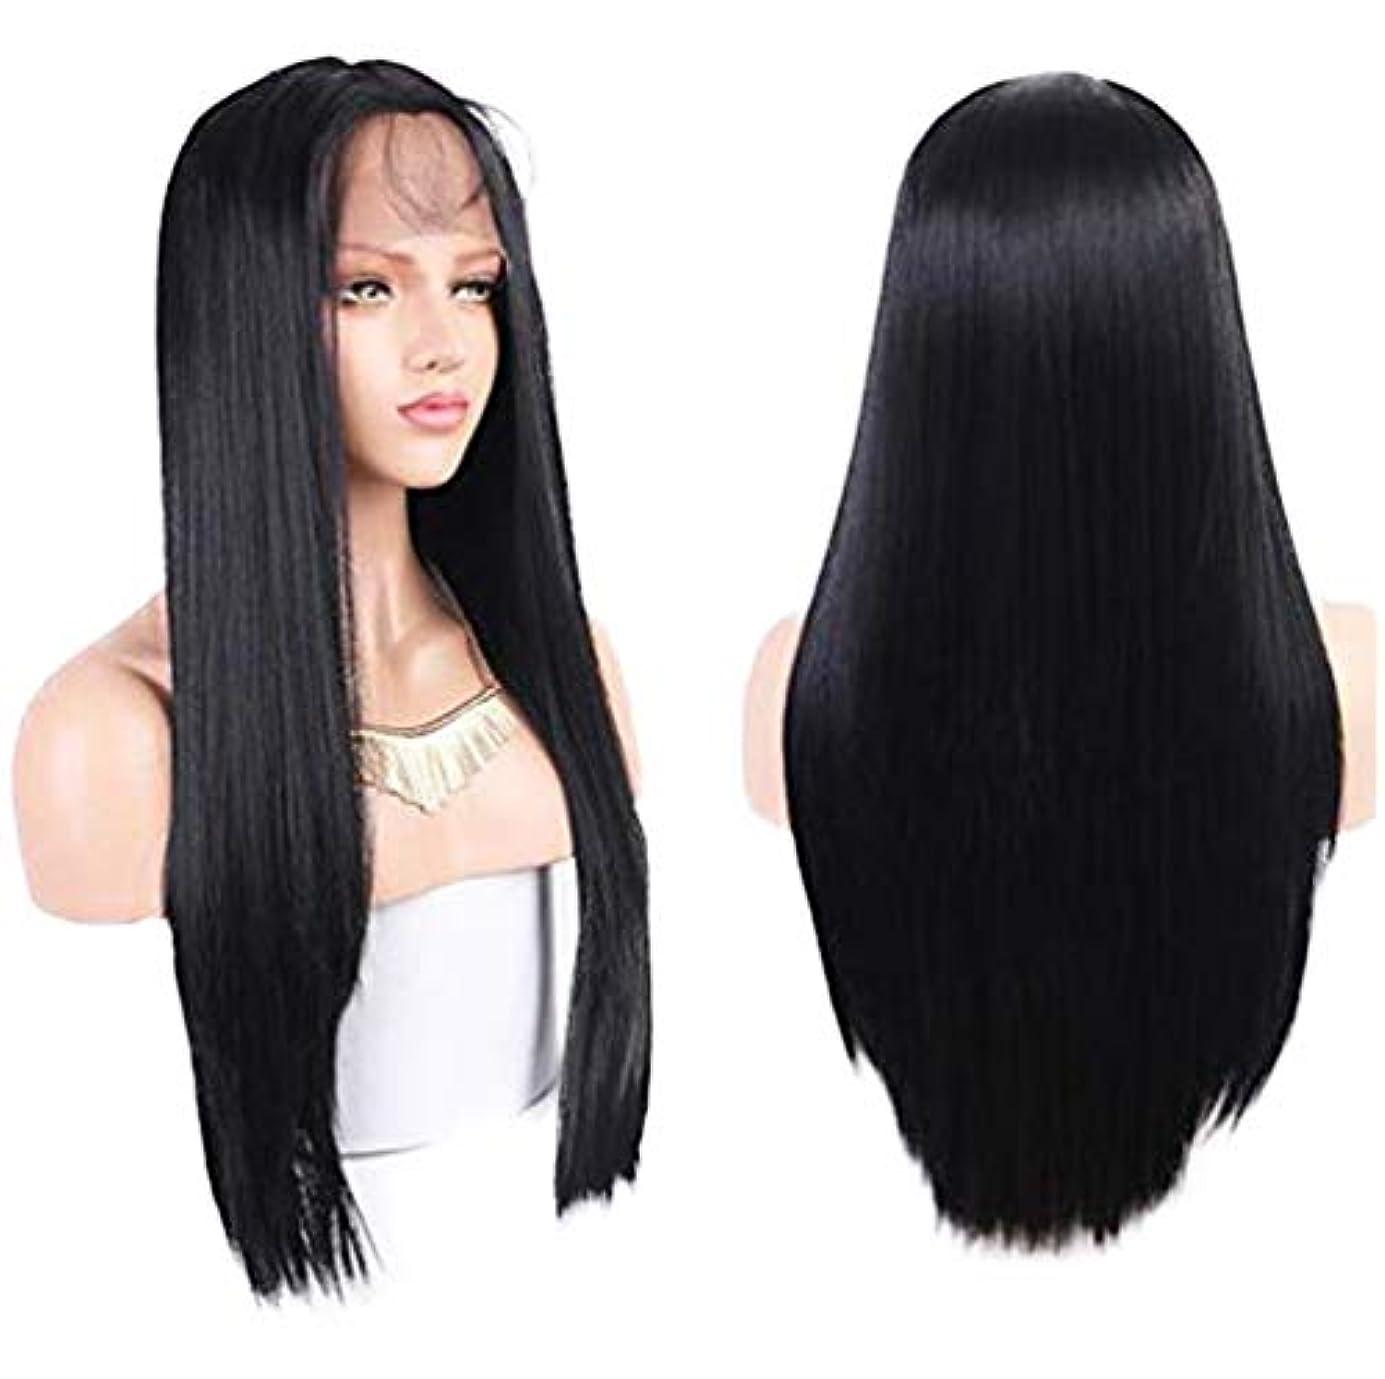 禁じるオフェンス反響する女性レースフロントかつら未処理バージン毛ブラジルレミー人毛ストレート髪レースかつらベビー毛で150%密度